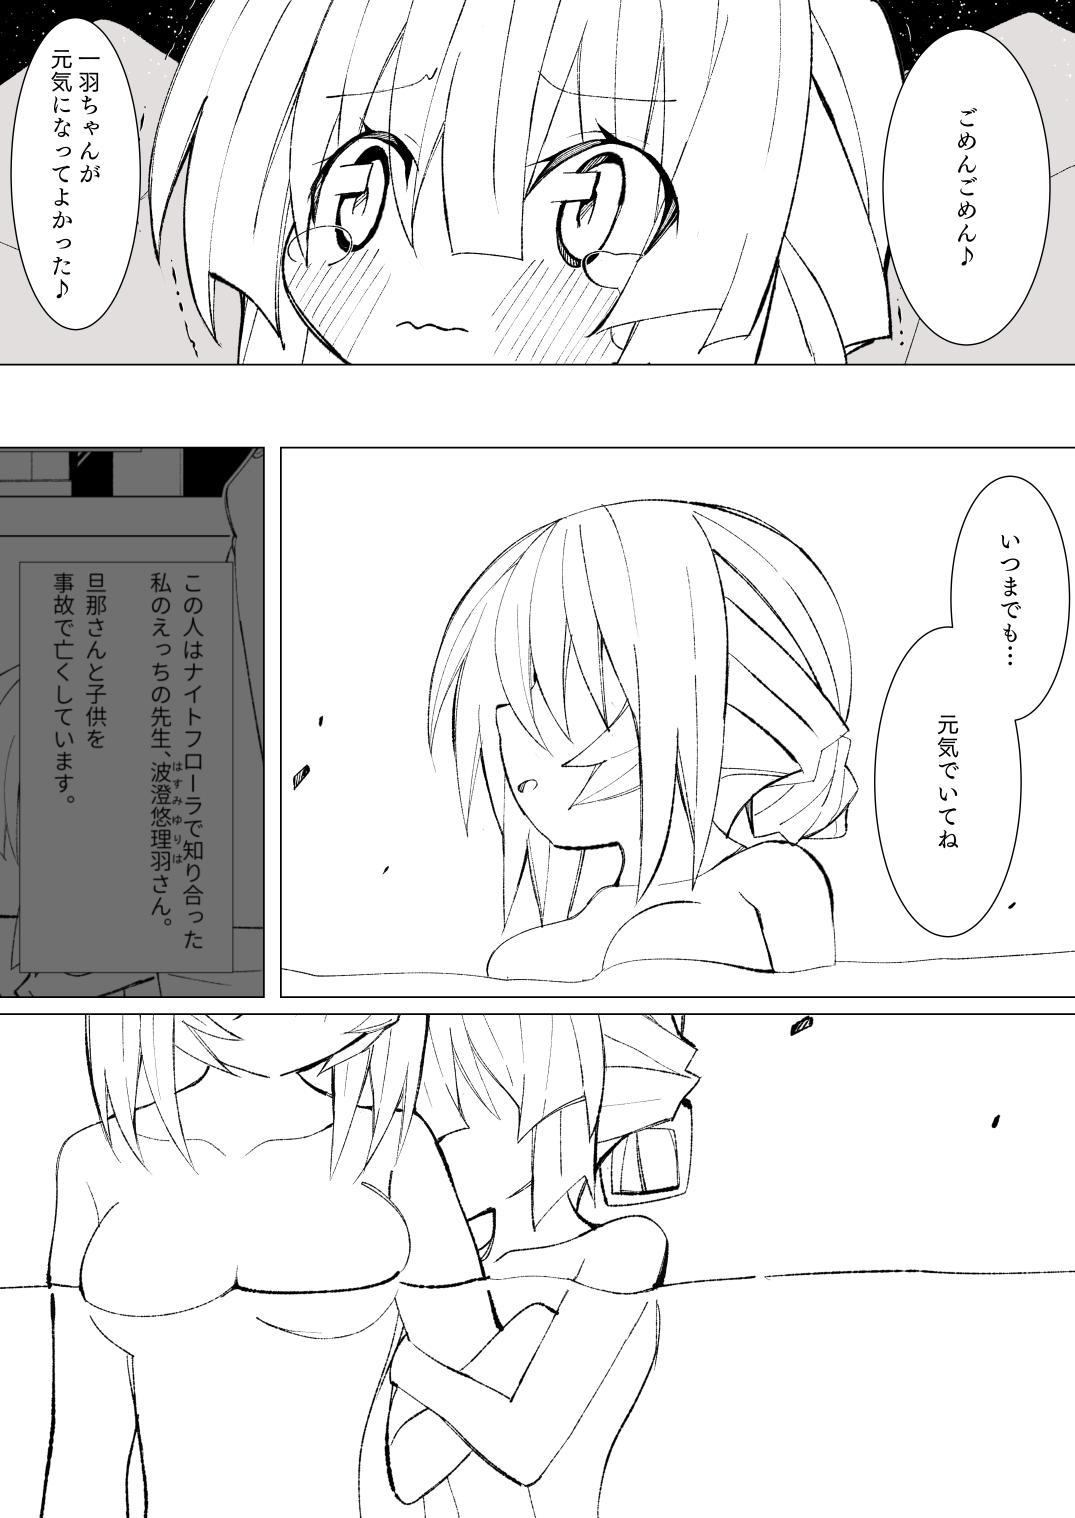 Ishu kan fūzoku-gai3 shokubutsu shokushu × rori 100